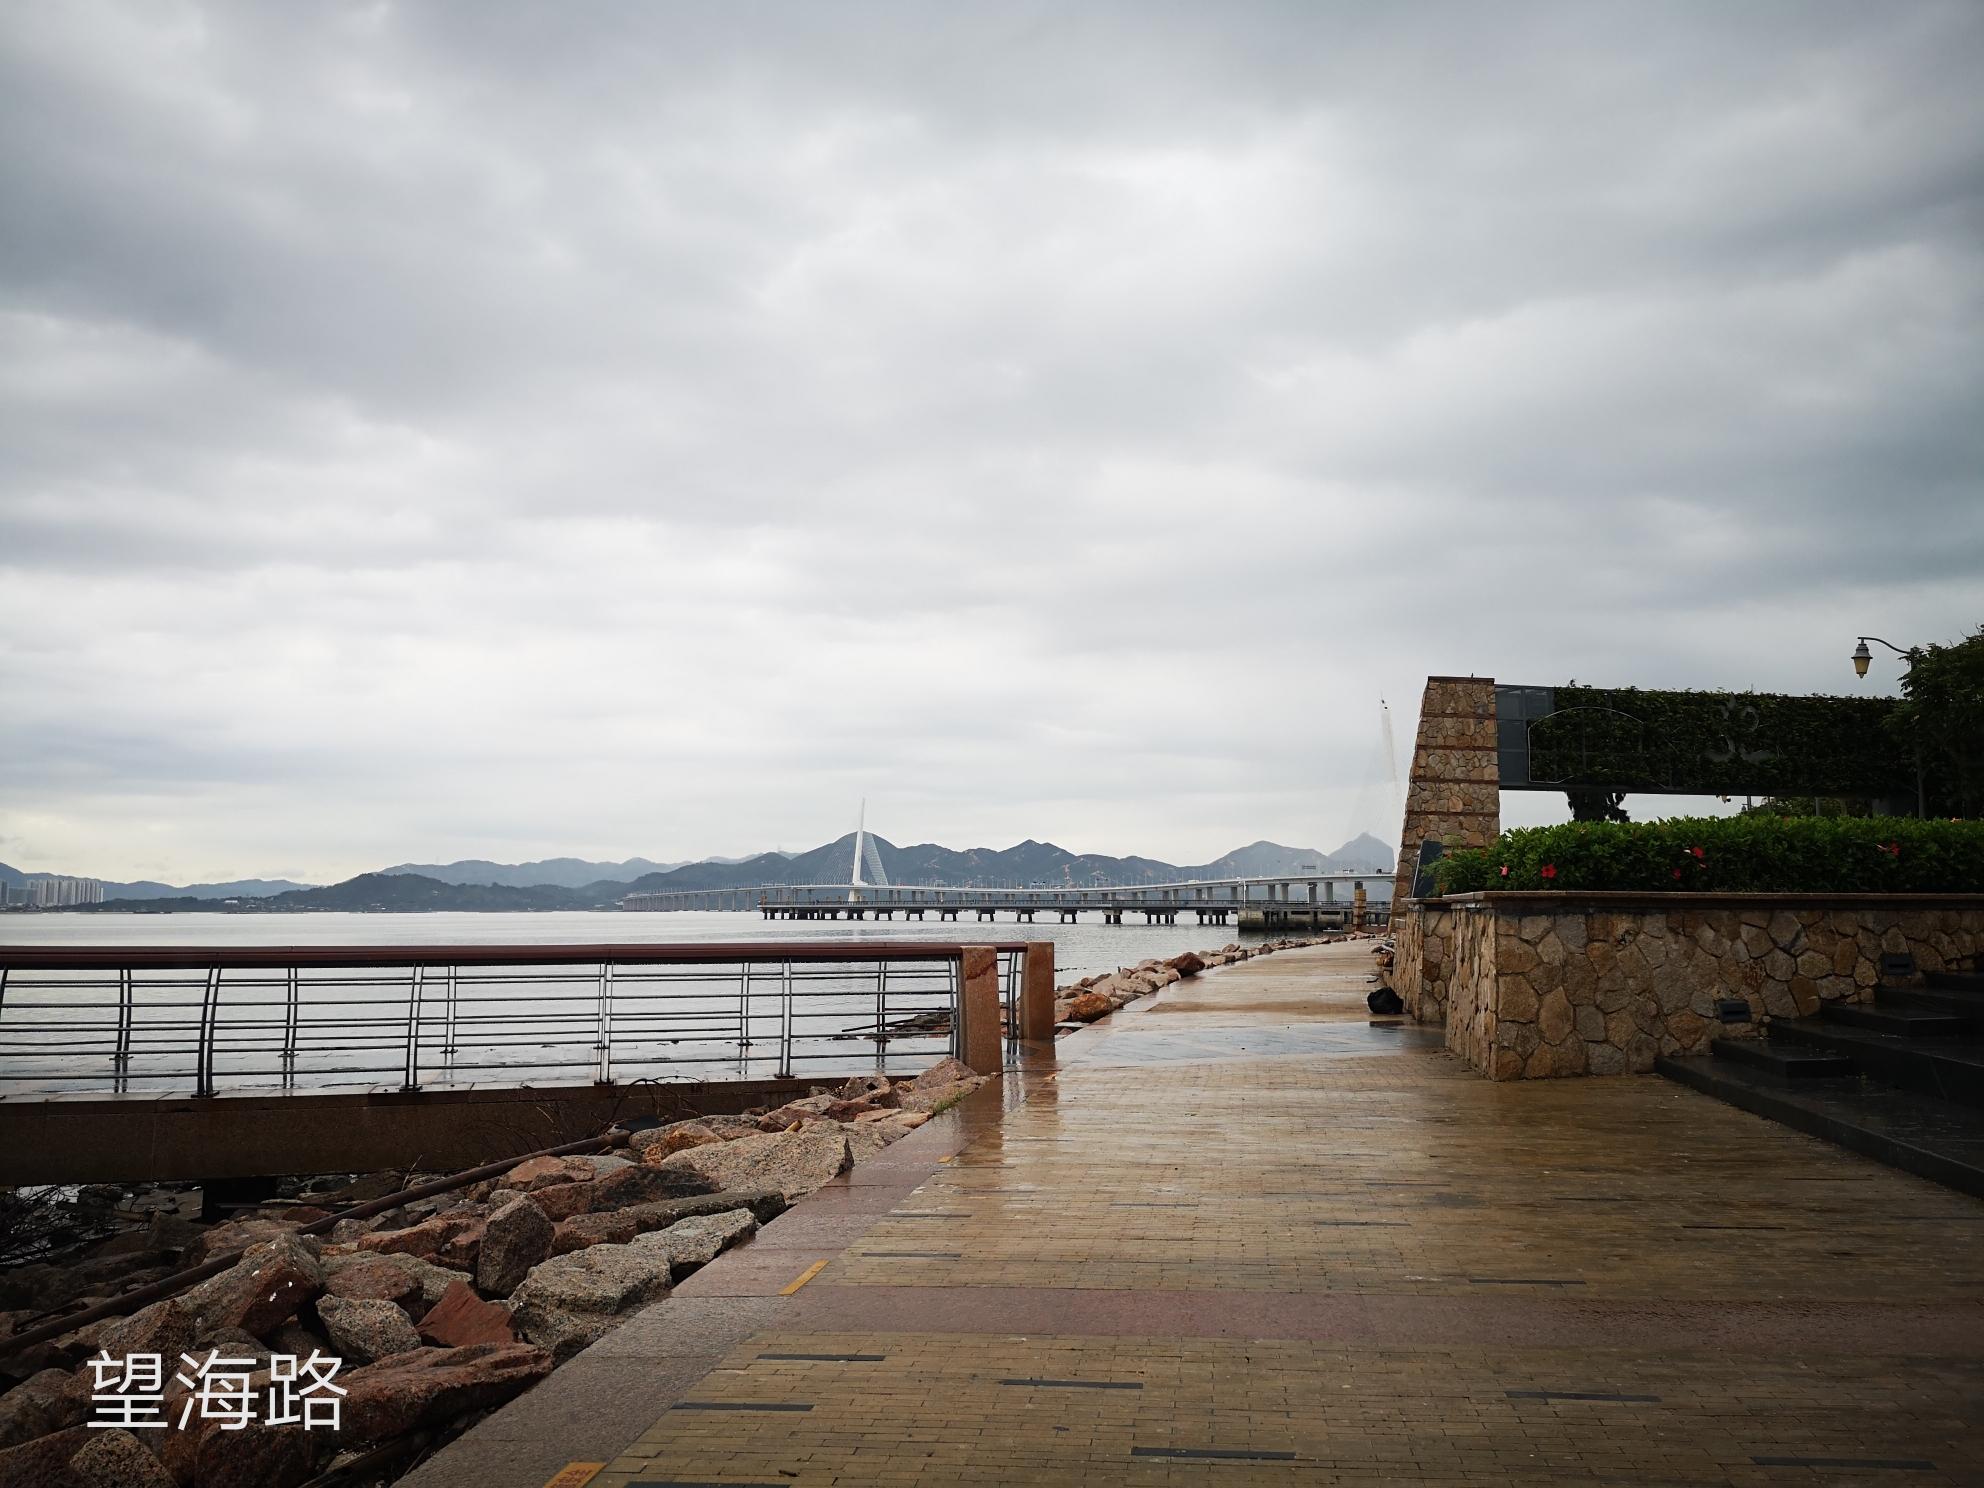 关于深圳的记忆